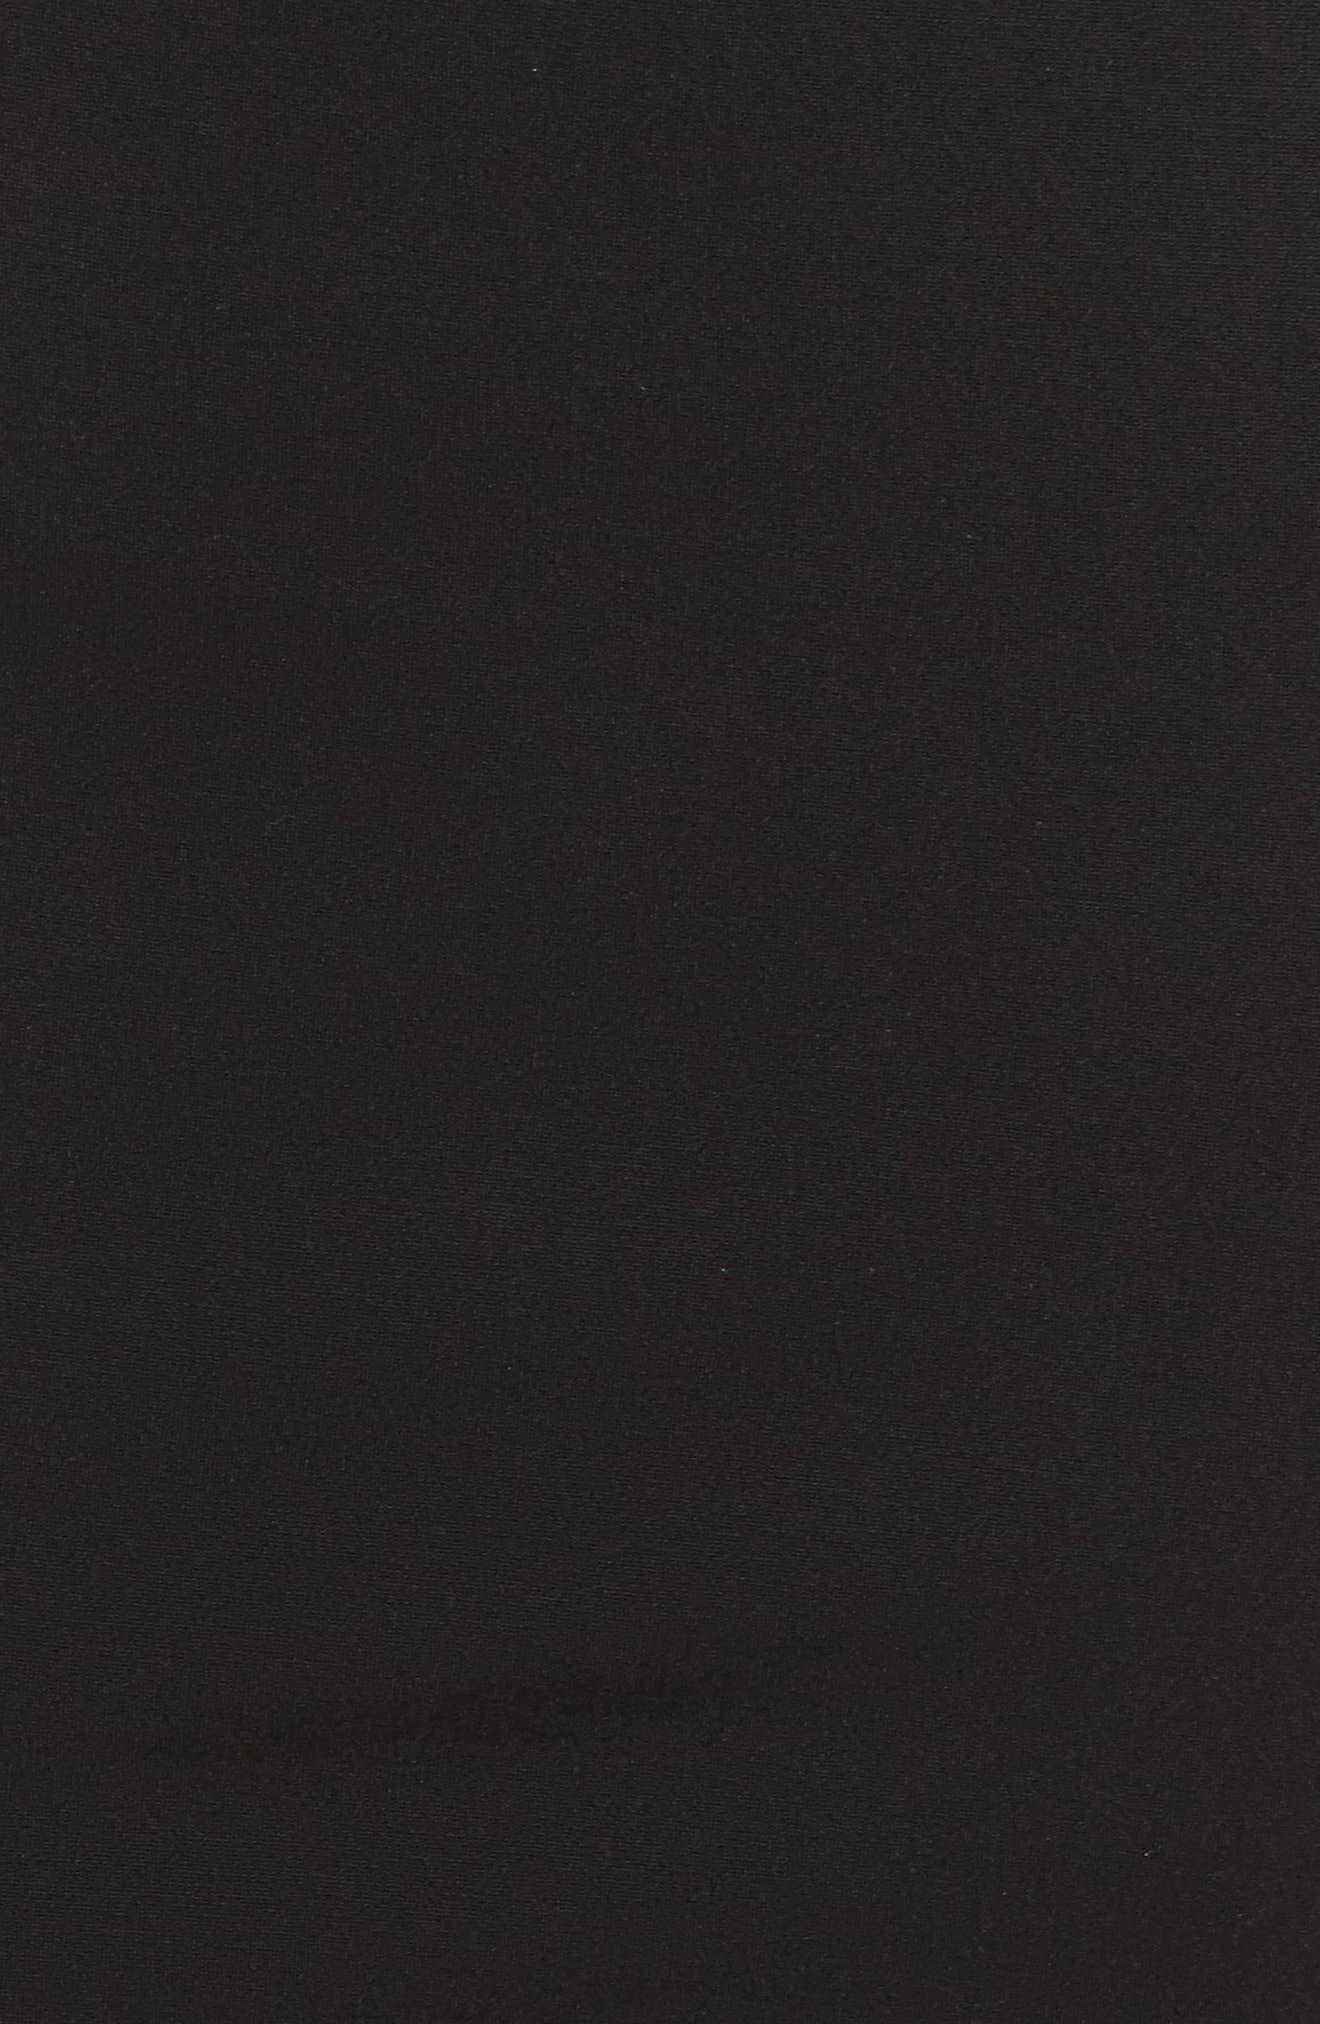 Orlanda Ponte Knit Sheath Dress,                             Alternate thumbnail 5, color,                             Black/ White